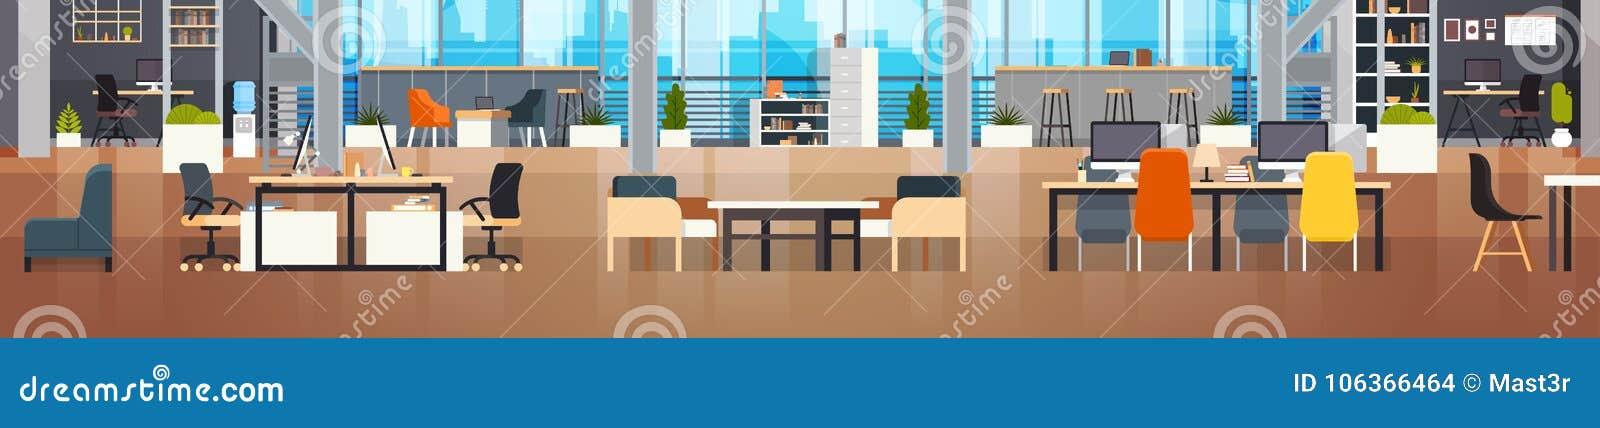 För Coworking för Coworking kontor horisontalbaner för inre modern mitt idérik miljö för arbetsplats